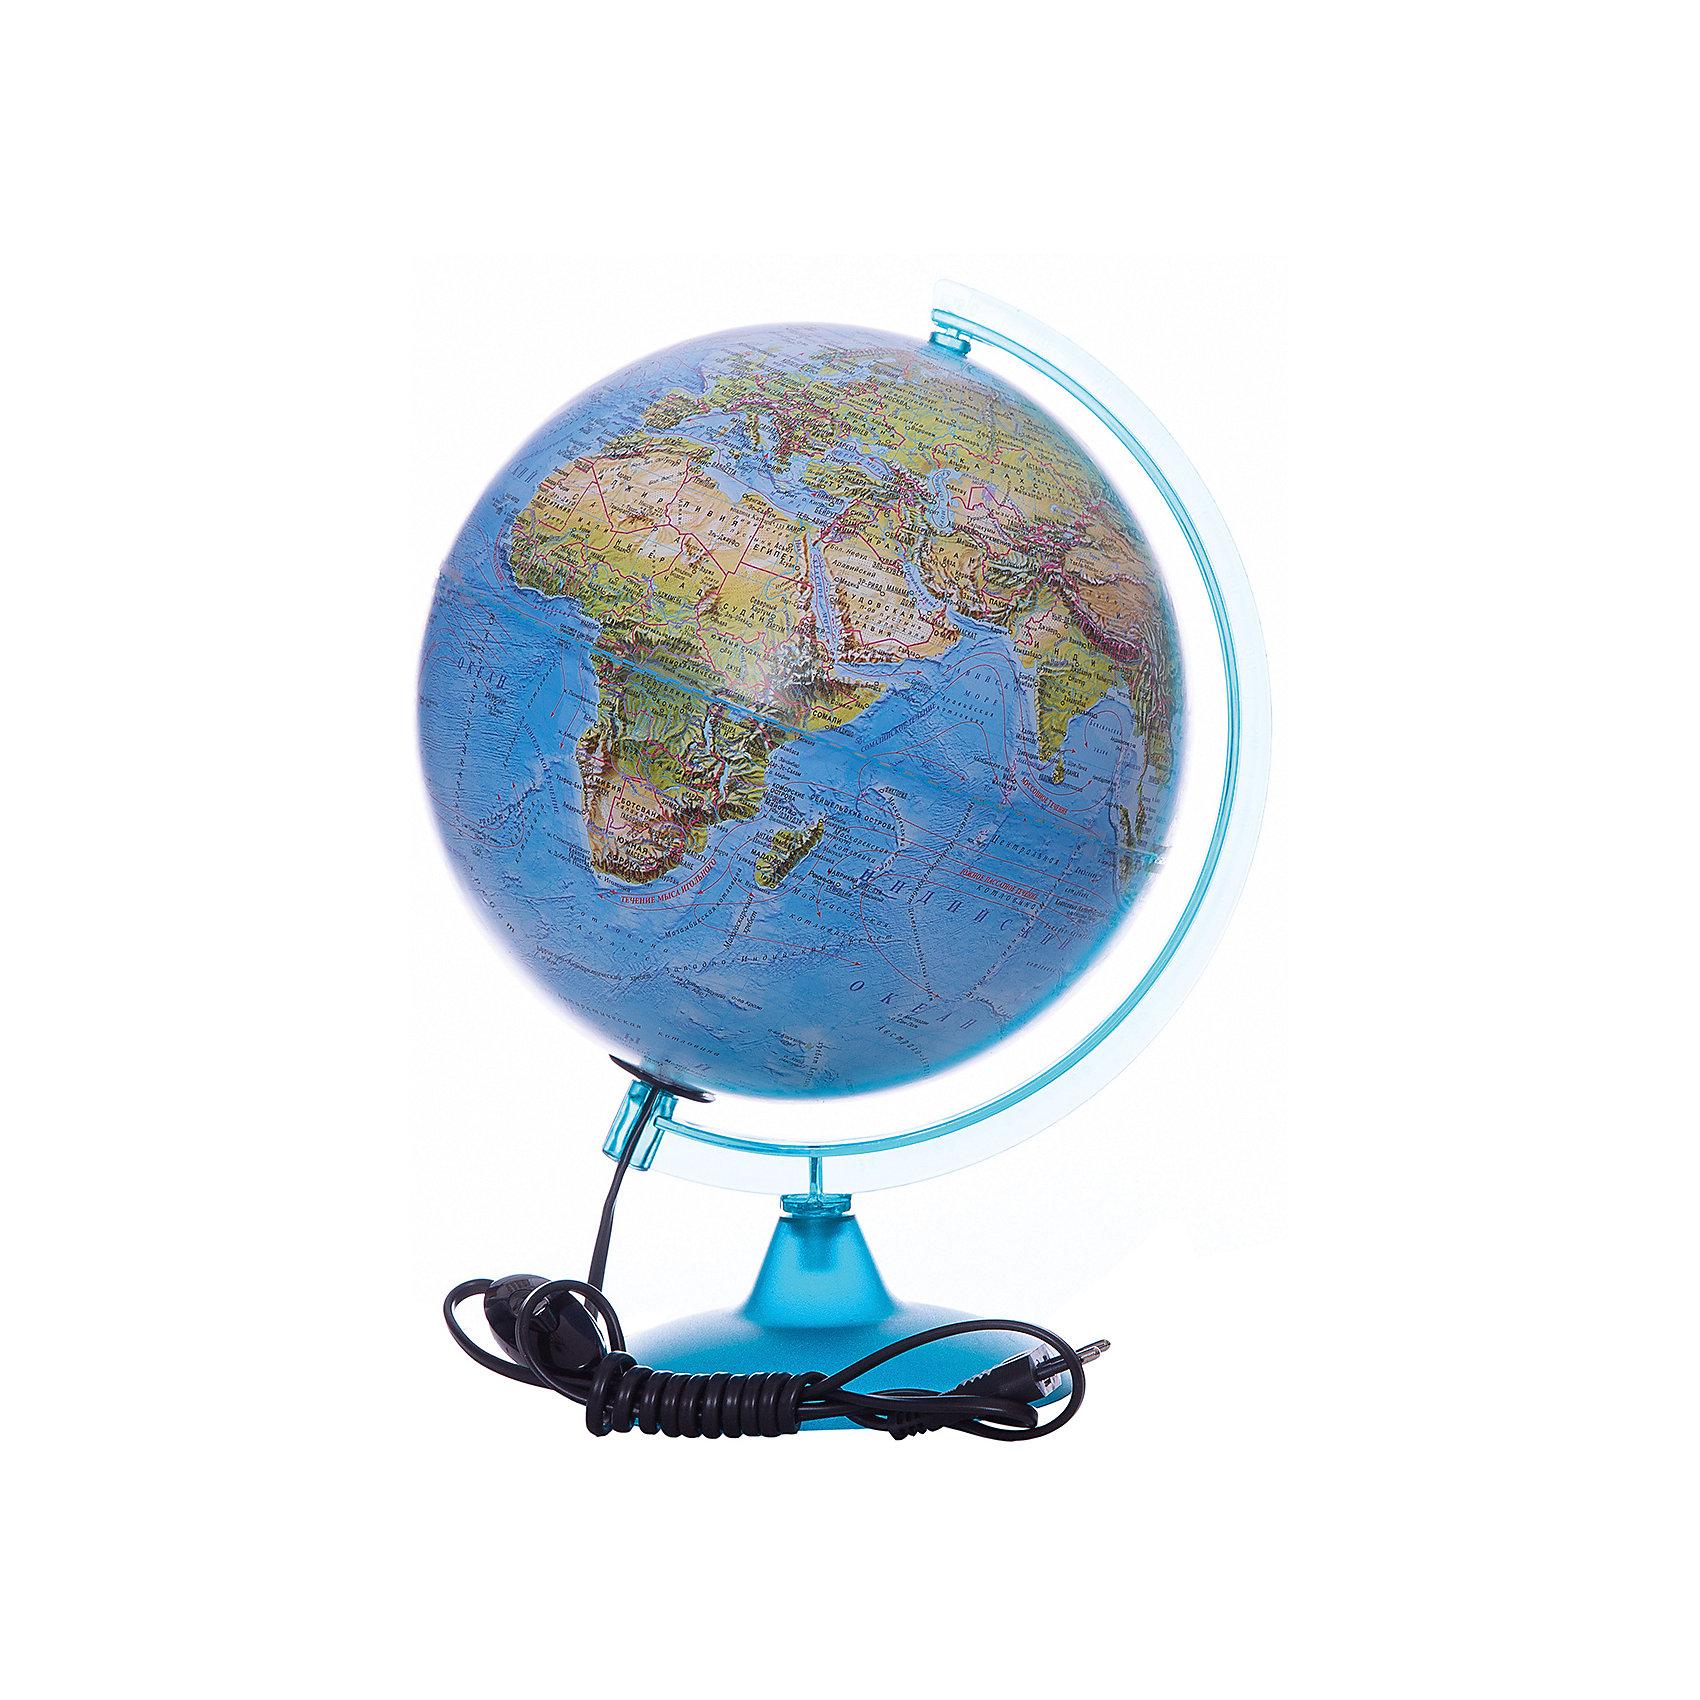 Глобус Земли «Двойная карта» с подсветкой, диаметр 250 ммГлобусы<br>Характеристики товара:<br><br>• возраст от 6 лет;<br>• материал: пластик, дерево;<br>• работает от сети<br>• цвет подставки: вишня, орех<br>• диаметр глобуса 250 мм;<br>• масштаб 1:50000000;<br>• размер упаковки 36х26х26 см;<br>• вес упаковки 1,035 кг;<br>• страна производитель: Россия.<br><br>Глобус Земли «Двойная карта» с подсветкой, 250 мм Глобусный мир — уменьшенная копия нашей планеты. Глобус станет отличным дополнением при изучении географии для школьника или студента. Он позволит познакомиться поближе с нашей планетой, на нем нанесены моря, океаны, глубоководные впадины, материки и острова, горы и возвышенности. Глобус оснащен подсветкой, которая работает от сети.<br><br>Глобус Земли «Двойная карта» с подсветкой, 250 мм Глобусный мир можно приобрести в нашем интернет-магазине.<br><br>Ширина мм: 260<br>Глубина мм: 260<br>Высота мм: 360<br>Вес г: 1035<br>Возраст от месяцев: 72<br>Возраст до месяцев: 2147483647<br>Пол: Унисекс<br>Возраст: Детский<br>SKU: 5518224